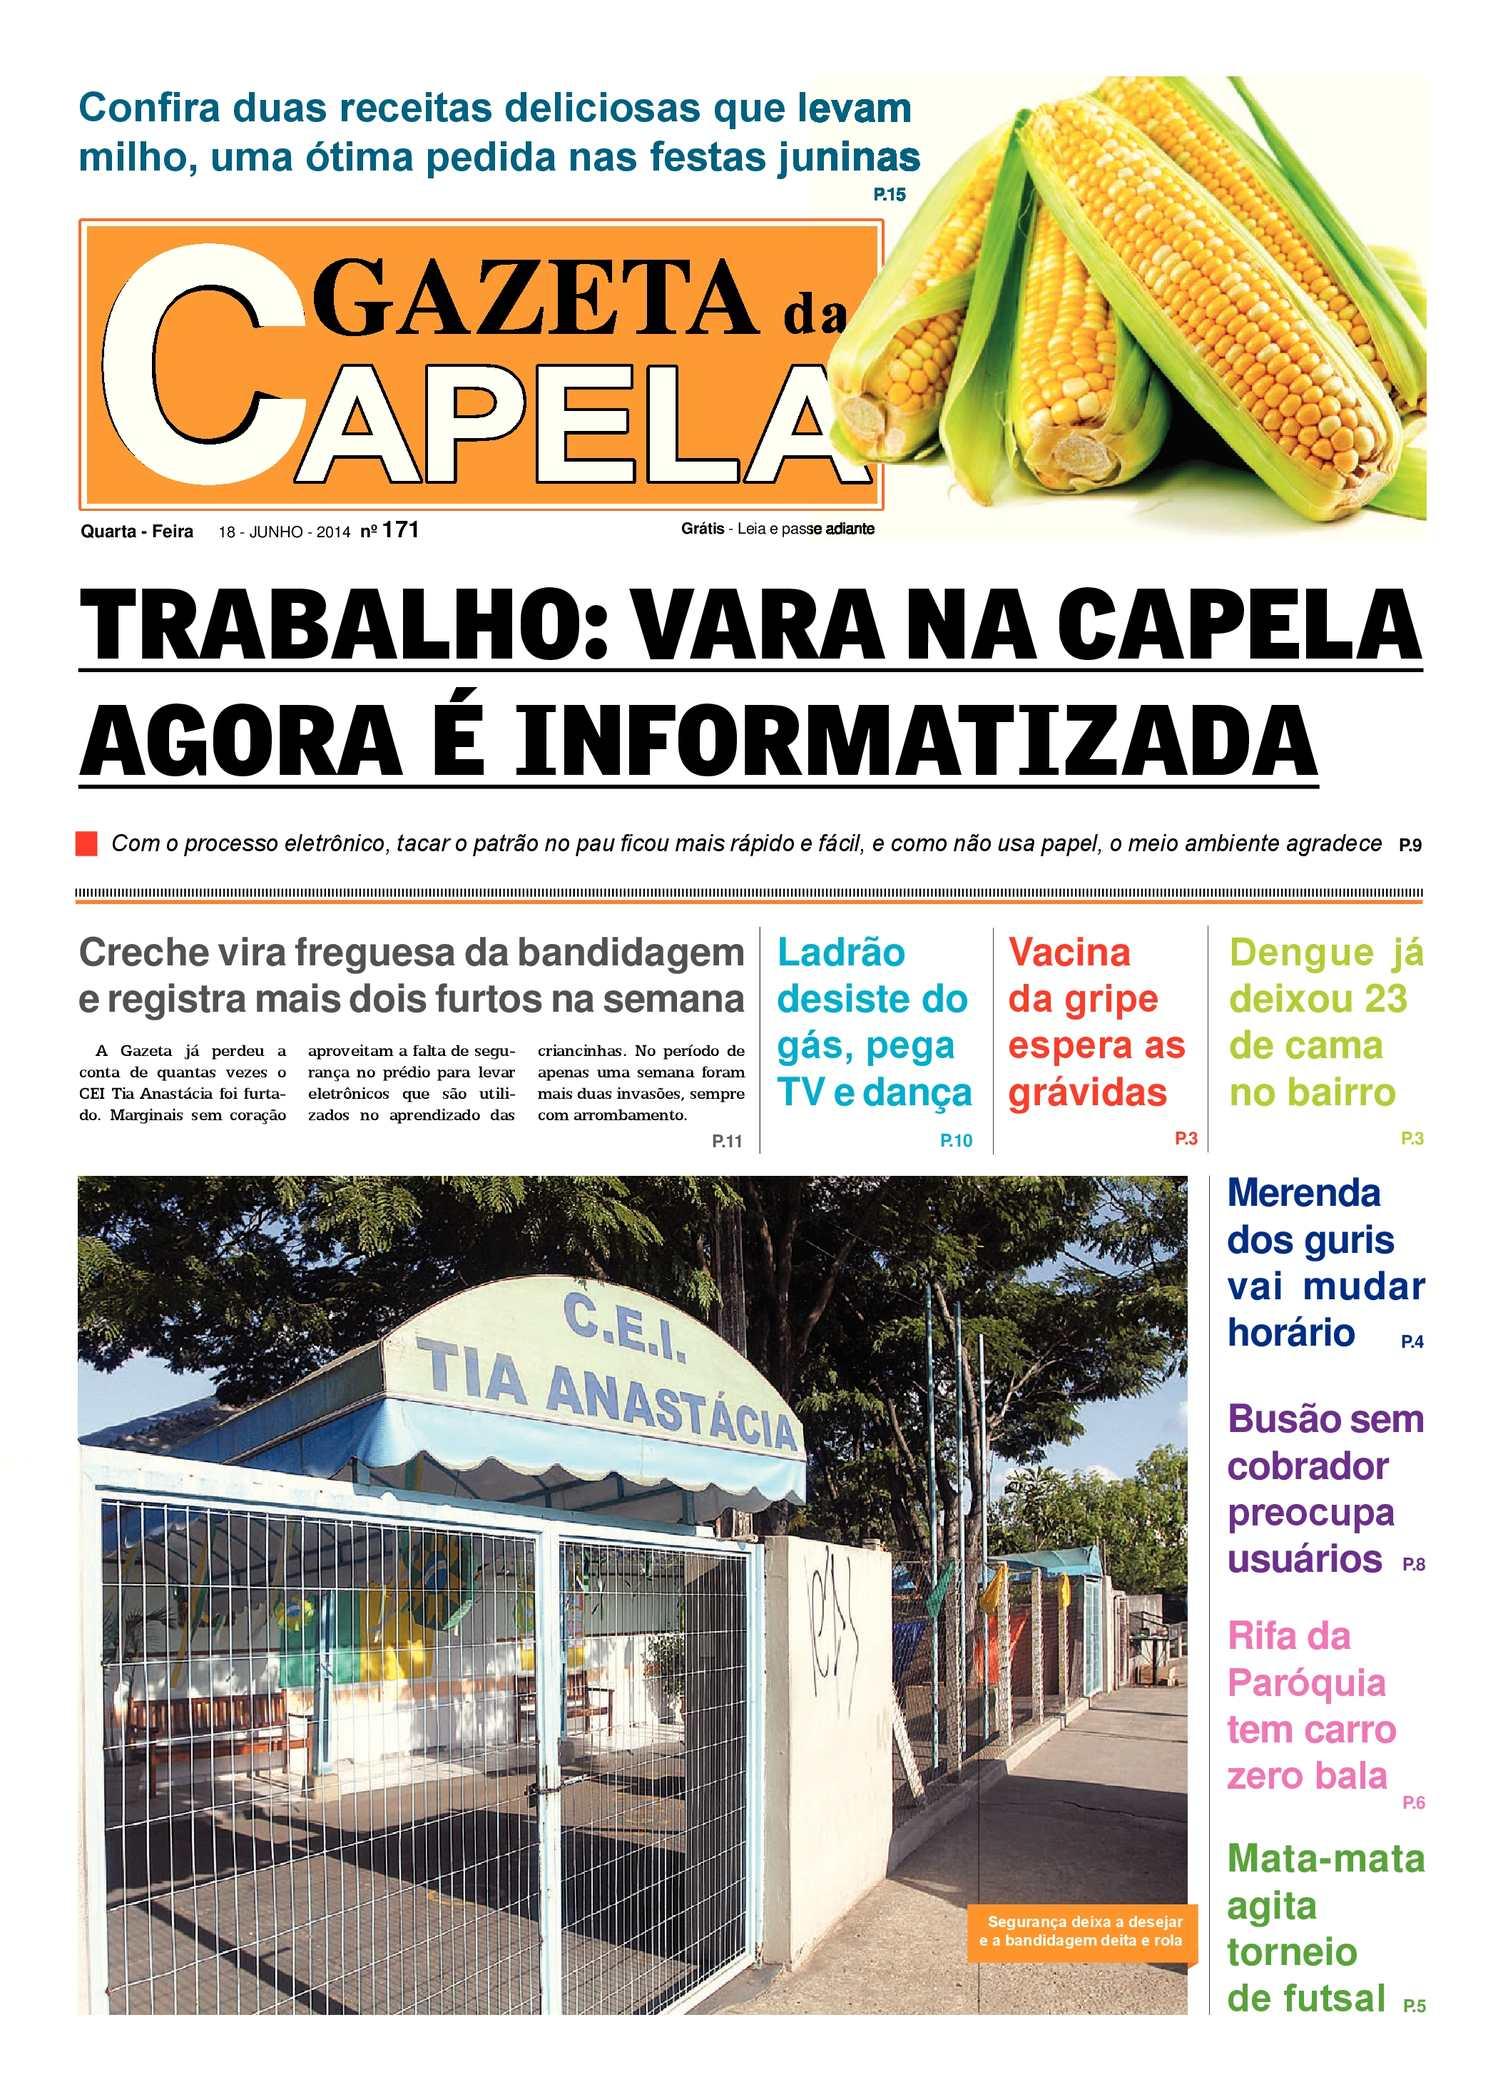 Calaméo - Gazeta da Capela 18 de Junho de 2014 871c897004f80